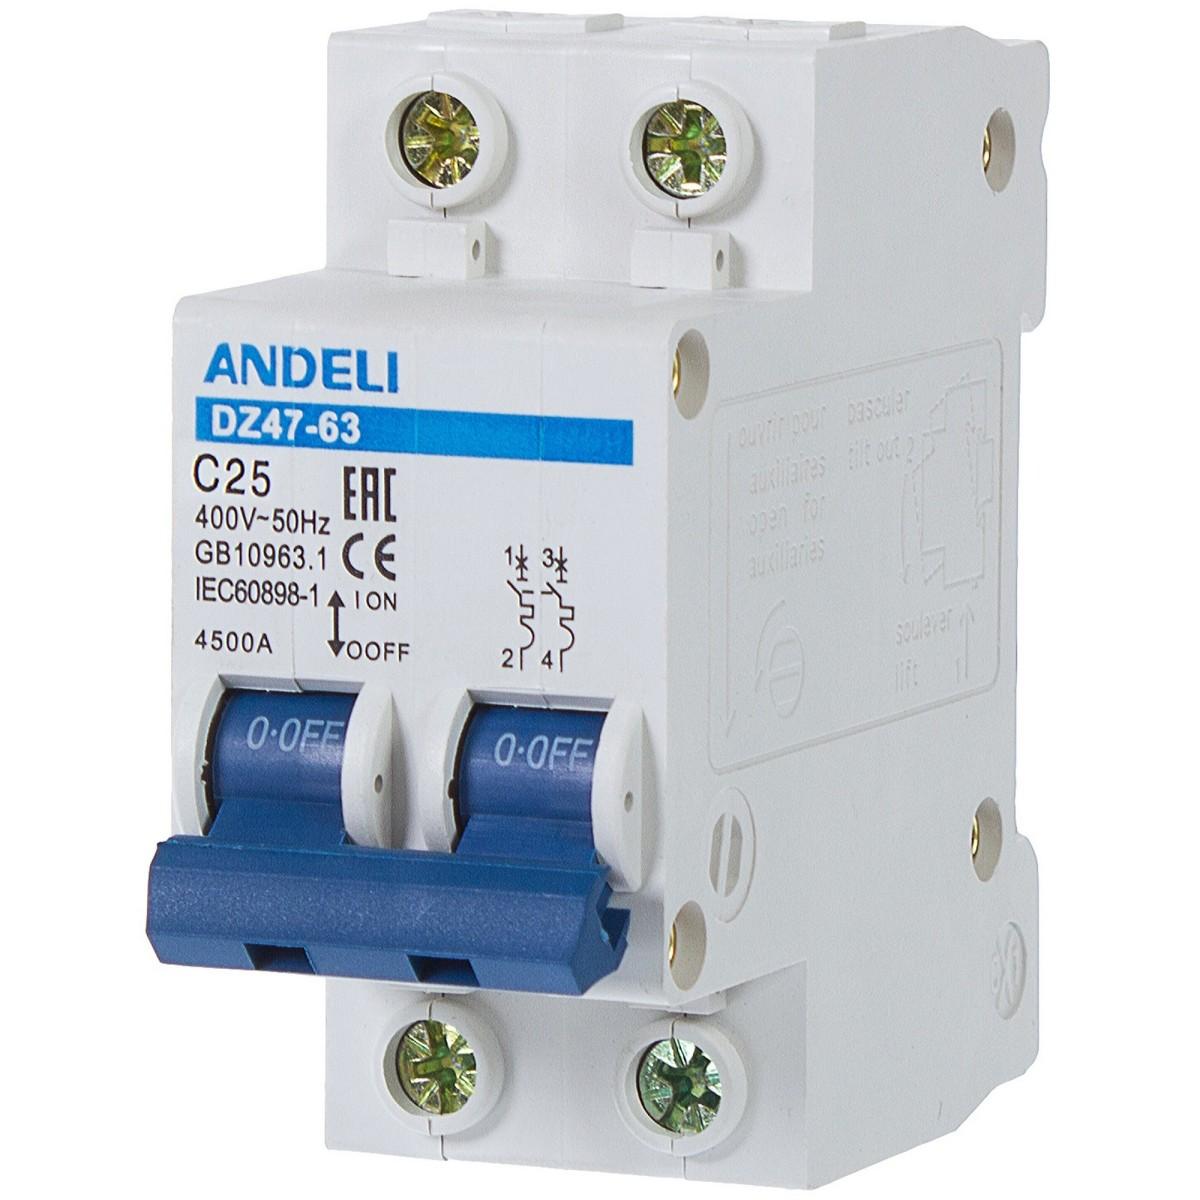 Выключатель автоматический Andeli DZ47-63 2 полюса 25 А 4.5 кА характеристика C